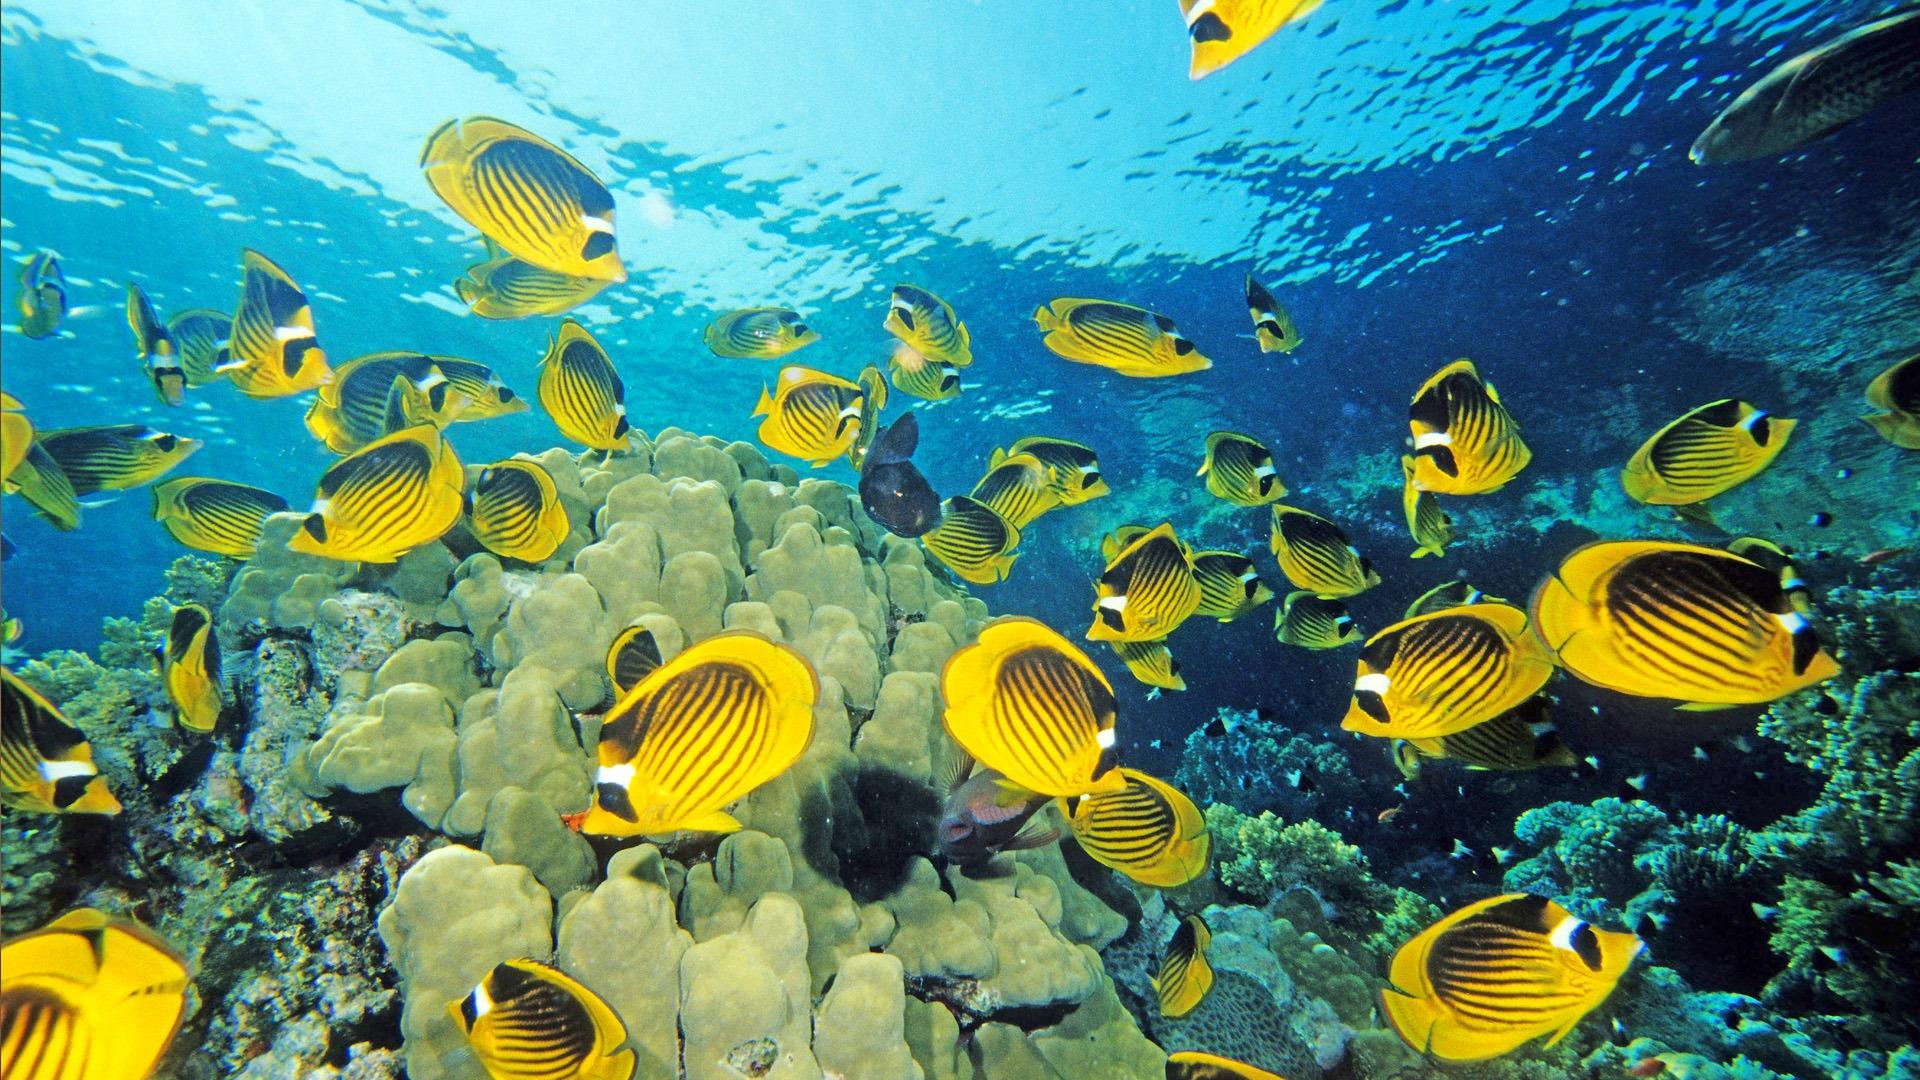 Fun Underwater World 7 19 1920x1080 Wallpaper Download